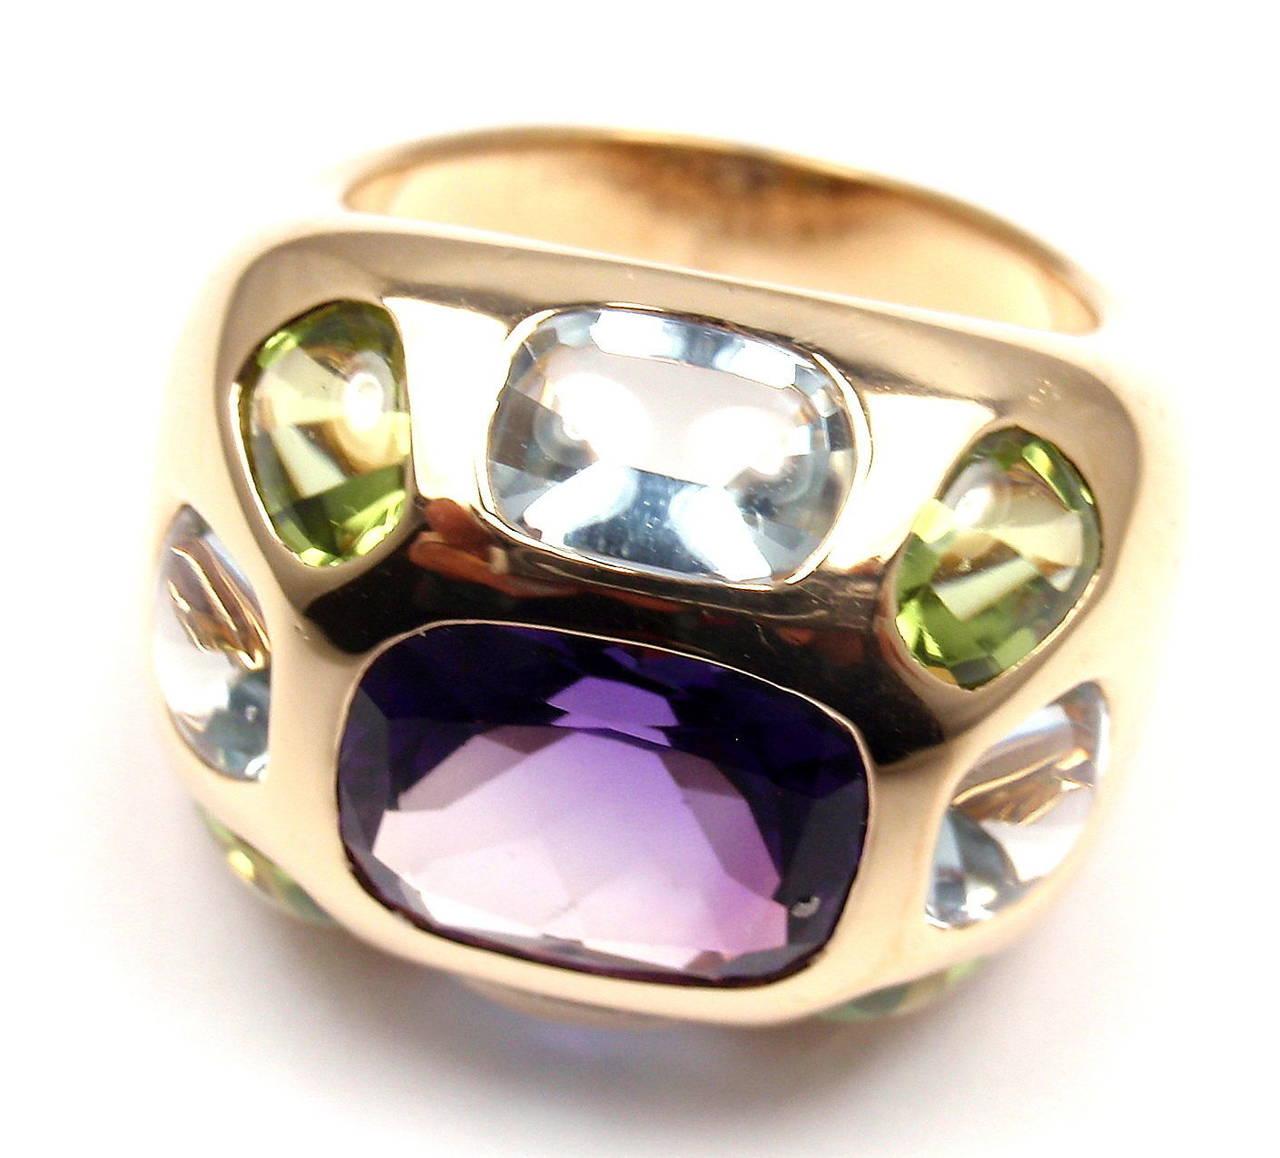 Chanel Baroque Aquamarine Peridot Amethyst Gold Ring At